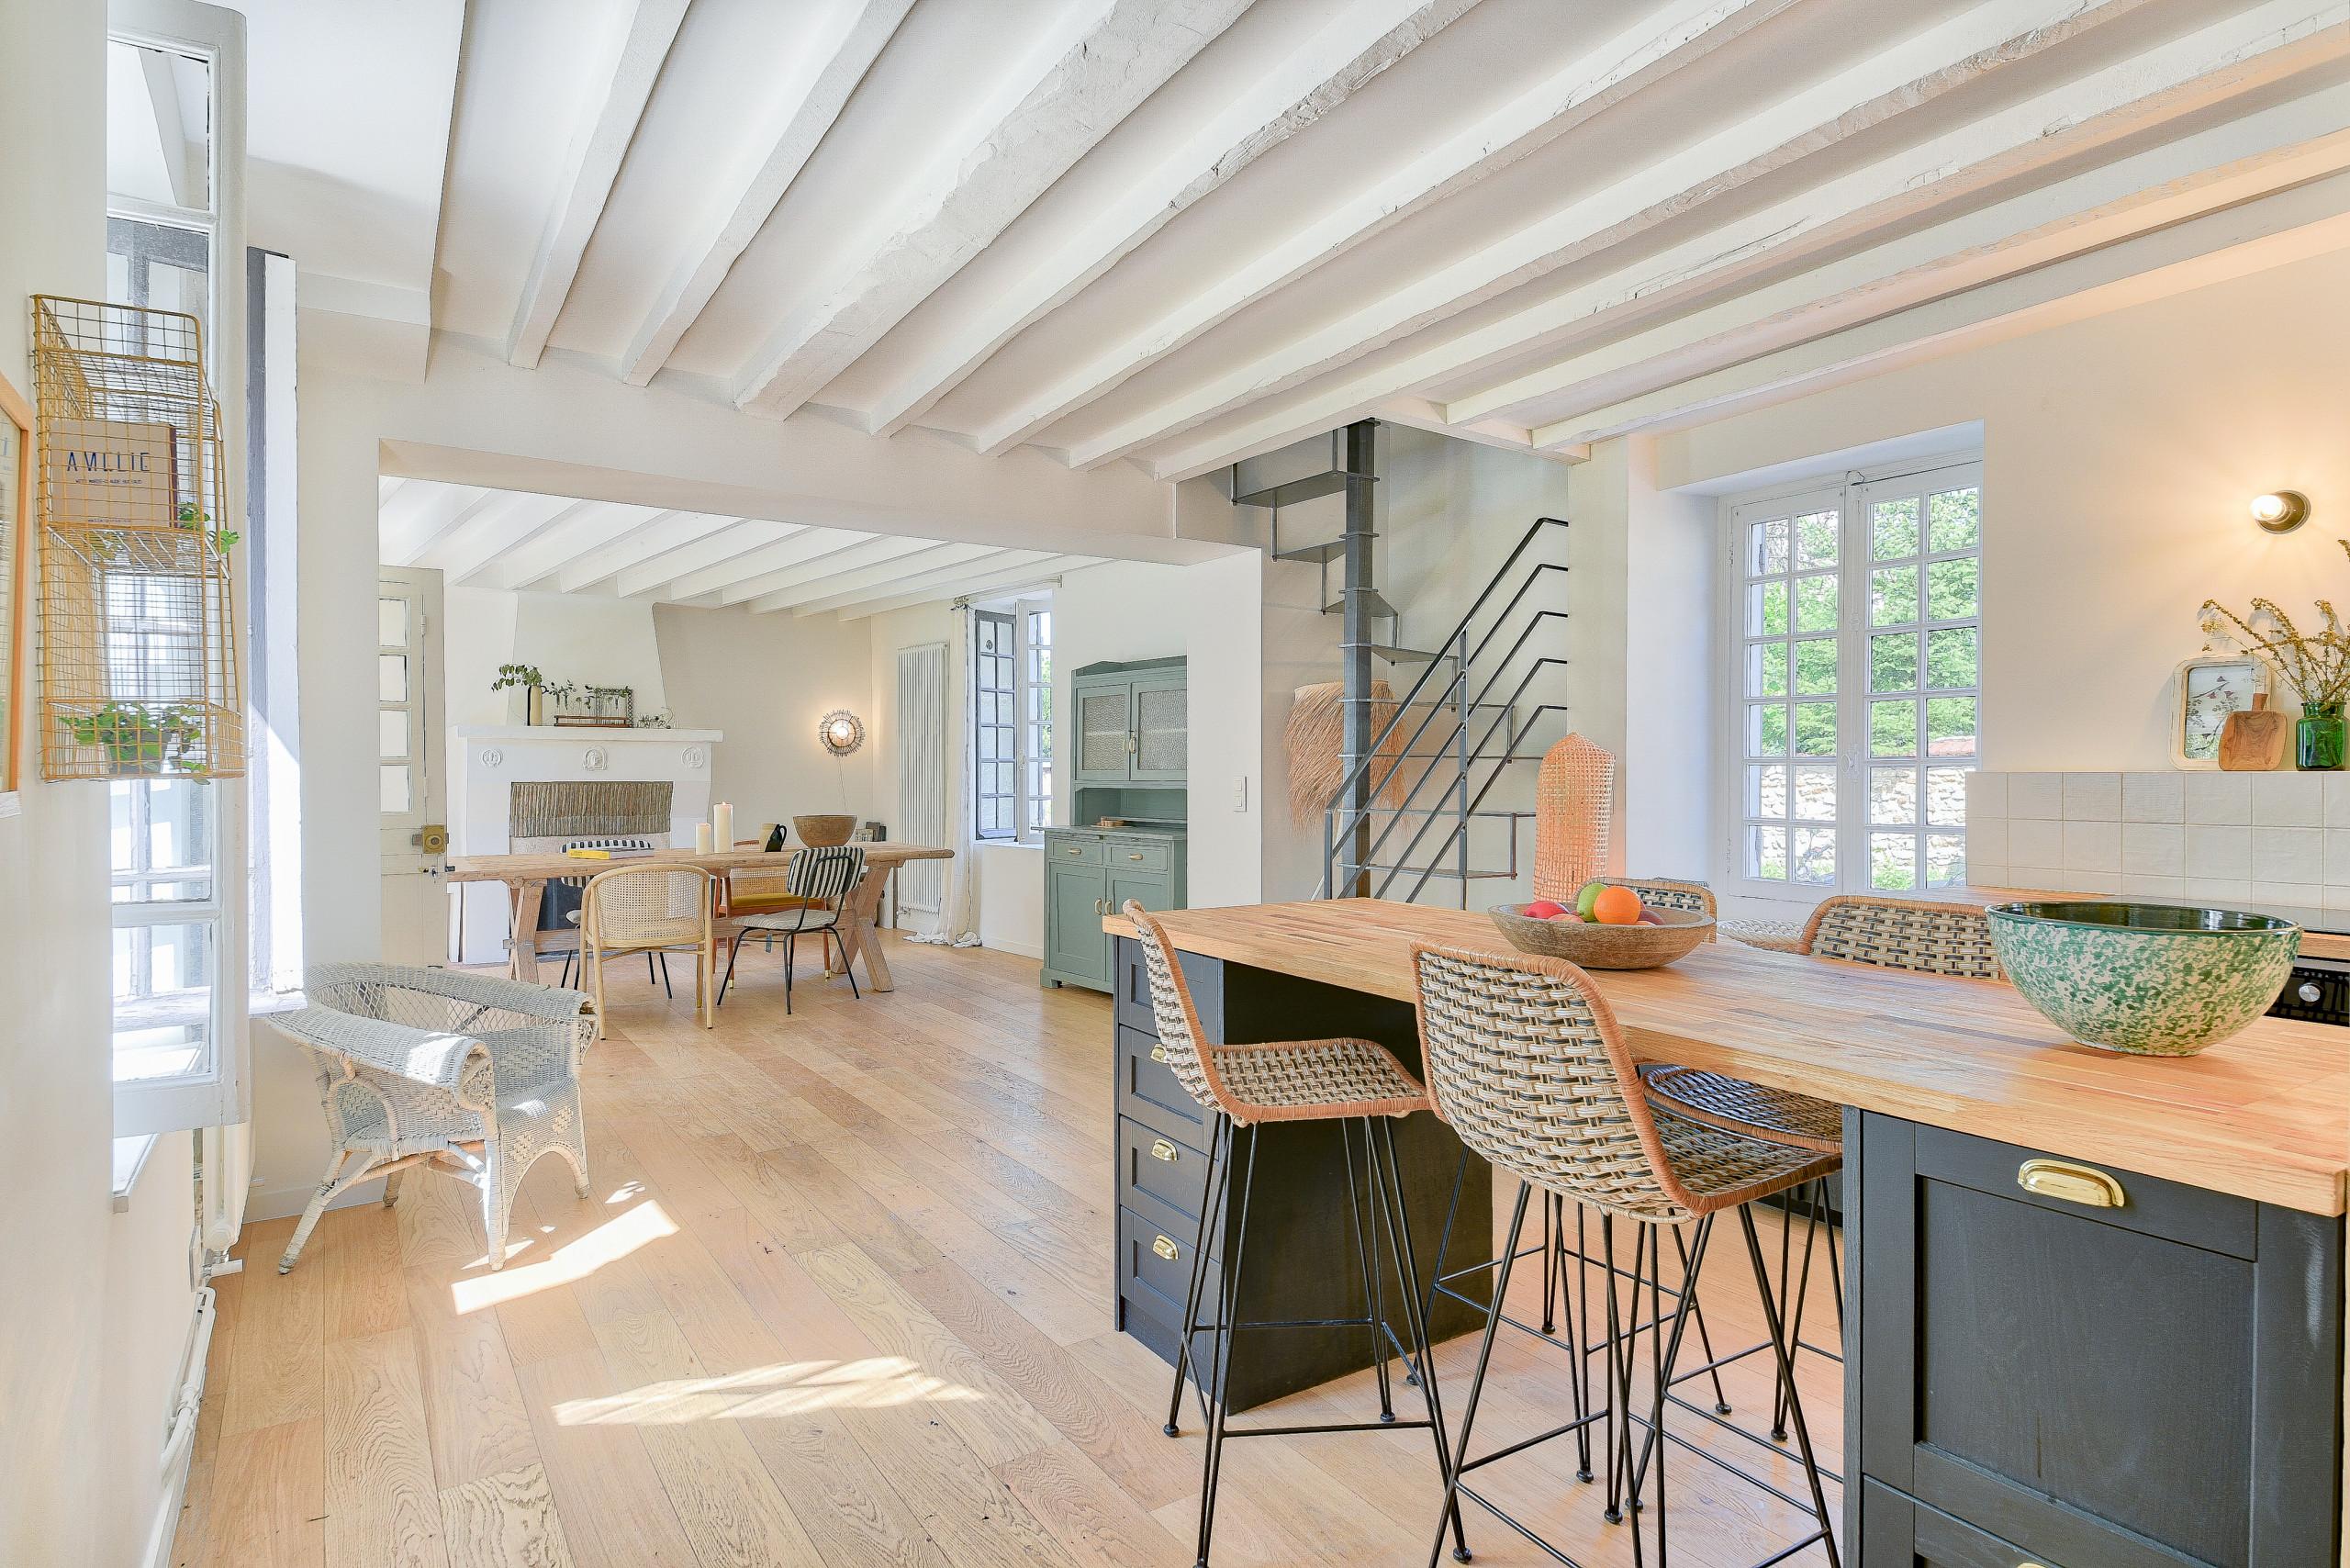 Rénovation d'un corps de ferme de 365 m2 - La cuisine